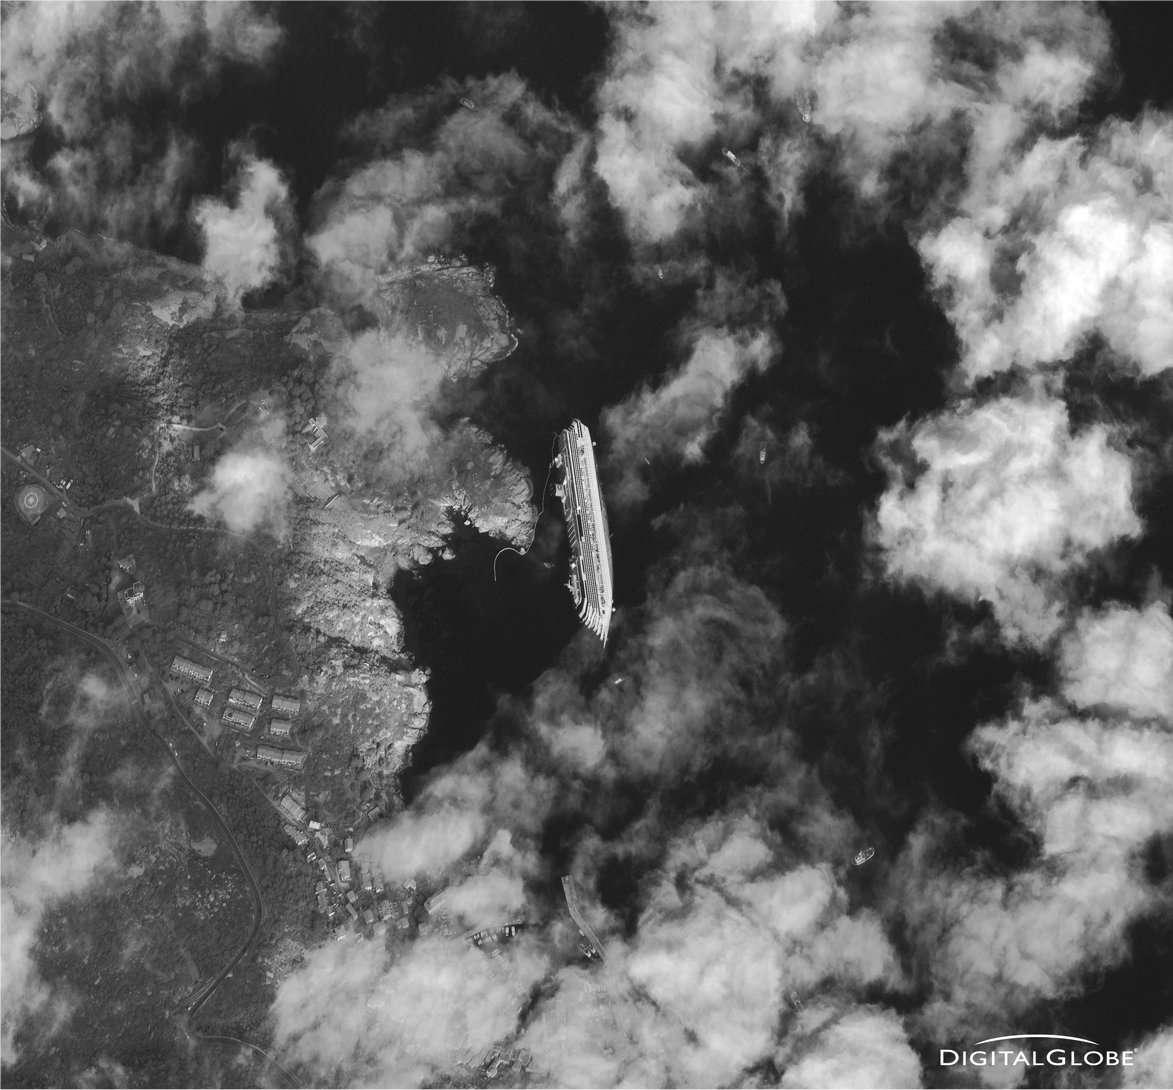 Le 17 janvier 2012, le satellite WorldWiew-1 a pris cette image du Costa-Concordia, échoué sur la côte de l'île de Giglio. Le satellite opère depuis 496 km d'altitude et fournit des photographies dont la résolution est de 50 cm. © Digital Globe